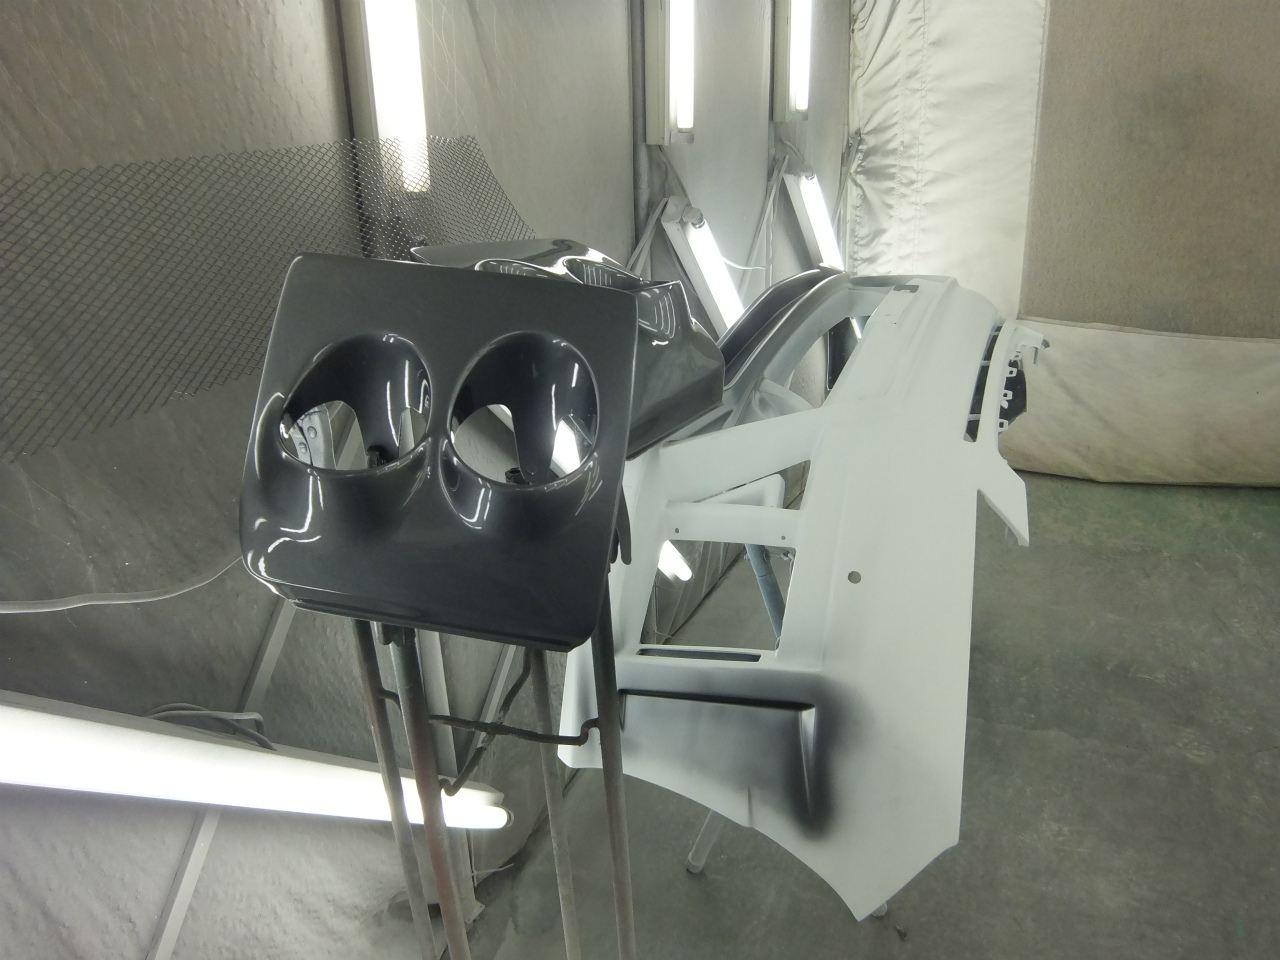 東京都立川市の車の板金塗装修理工場 ガレージローライドのトヨタ ヴェルファイアのエアロパーツ 塗装 取付 です。